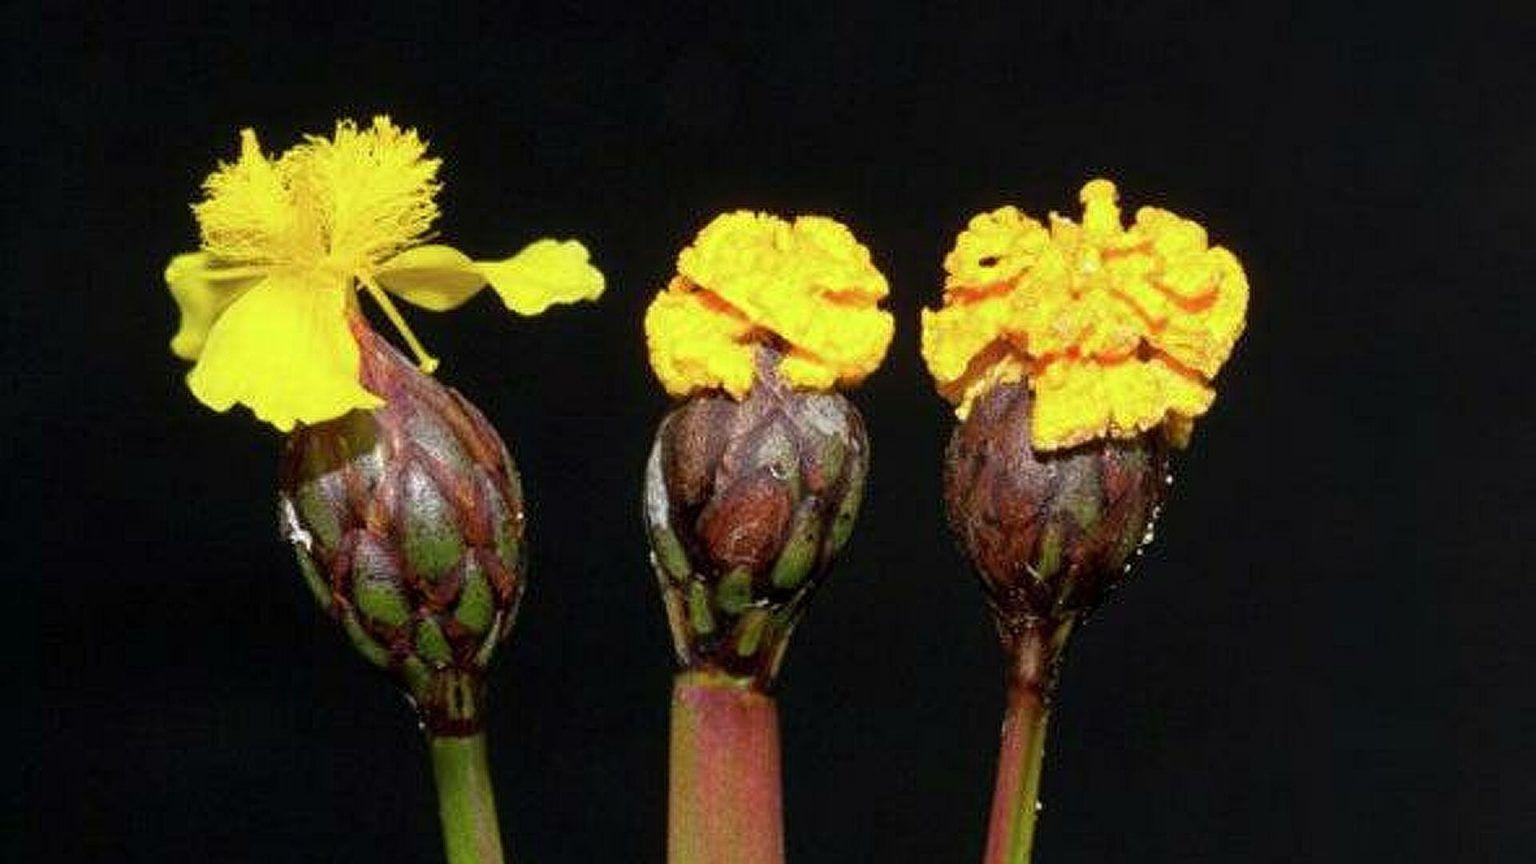 El hongo que imita una flor para atraer a los insectos y reproducirse